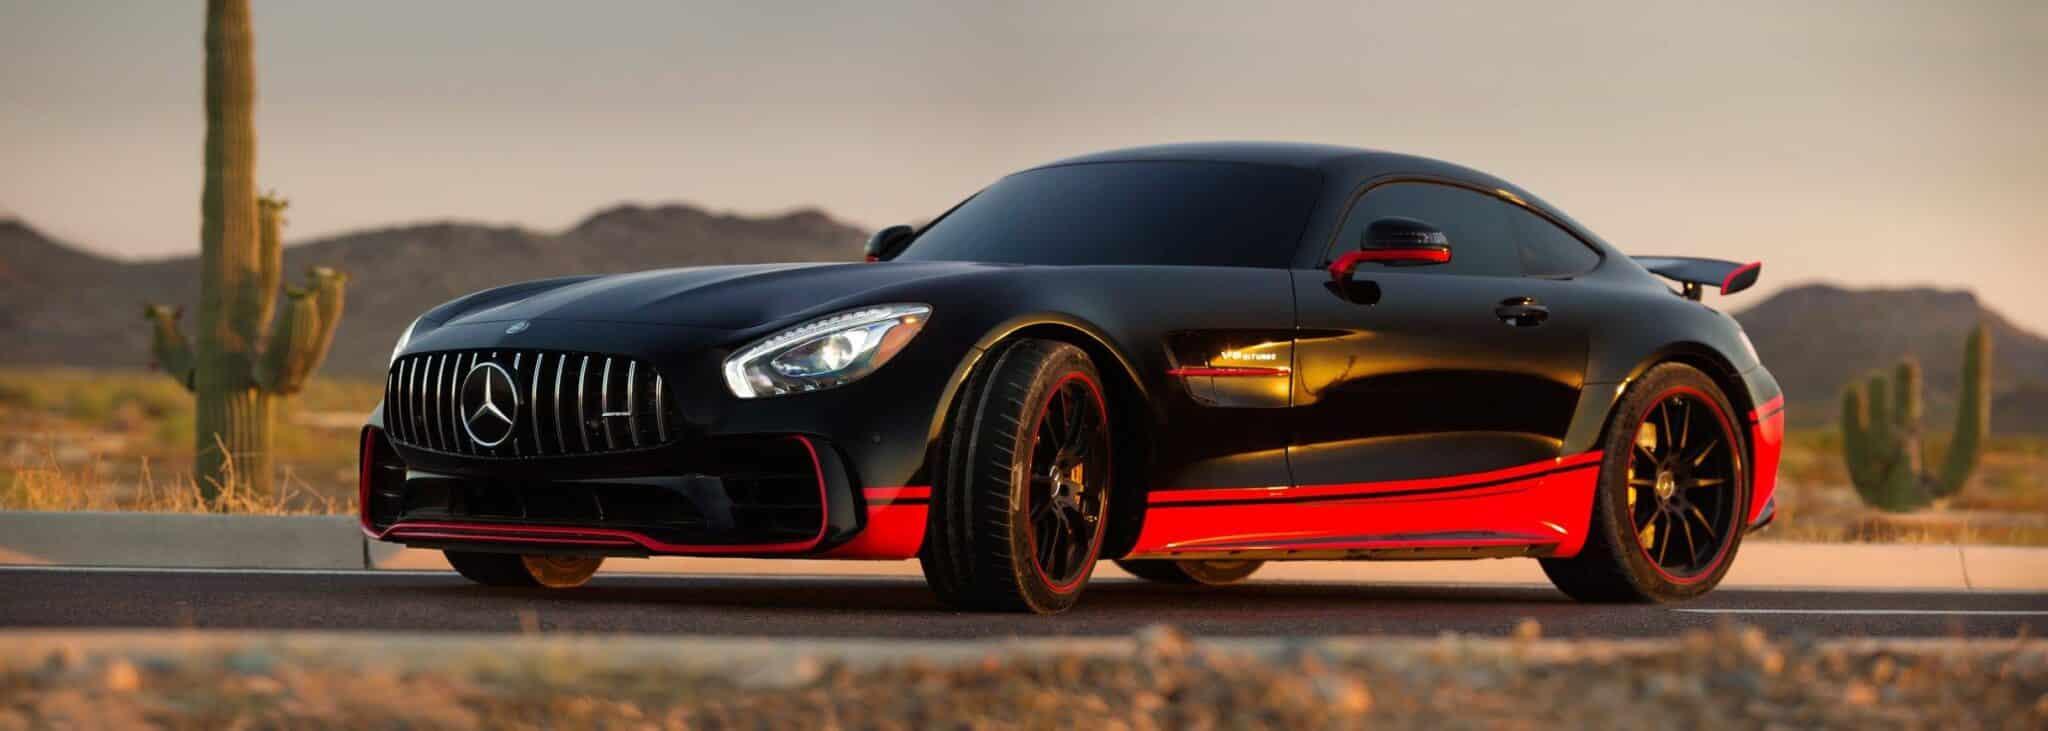 El salvaje Mercedes-AMG GT R encarnará a 'Drift' -el antiguo Veyron- en Transformers 5